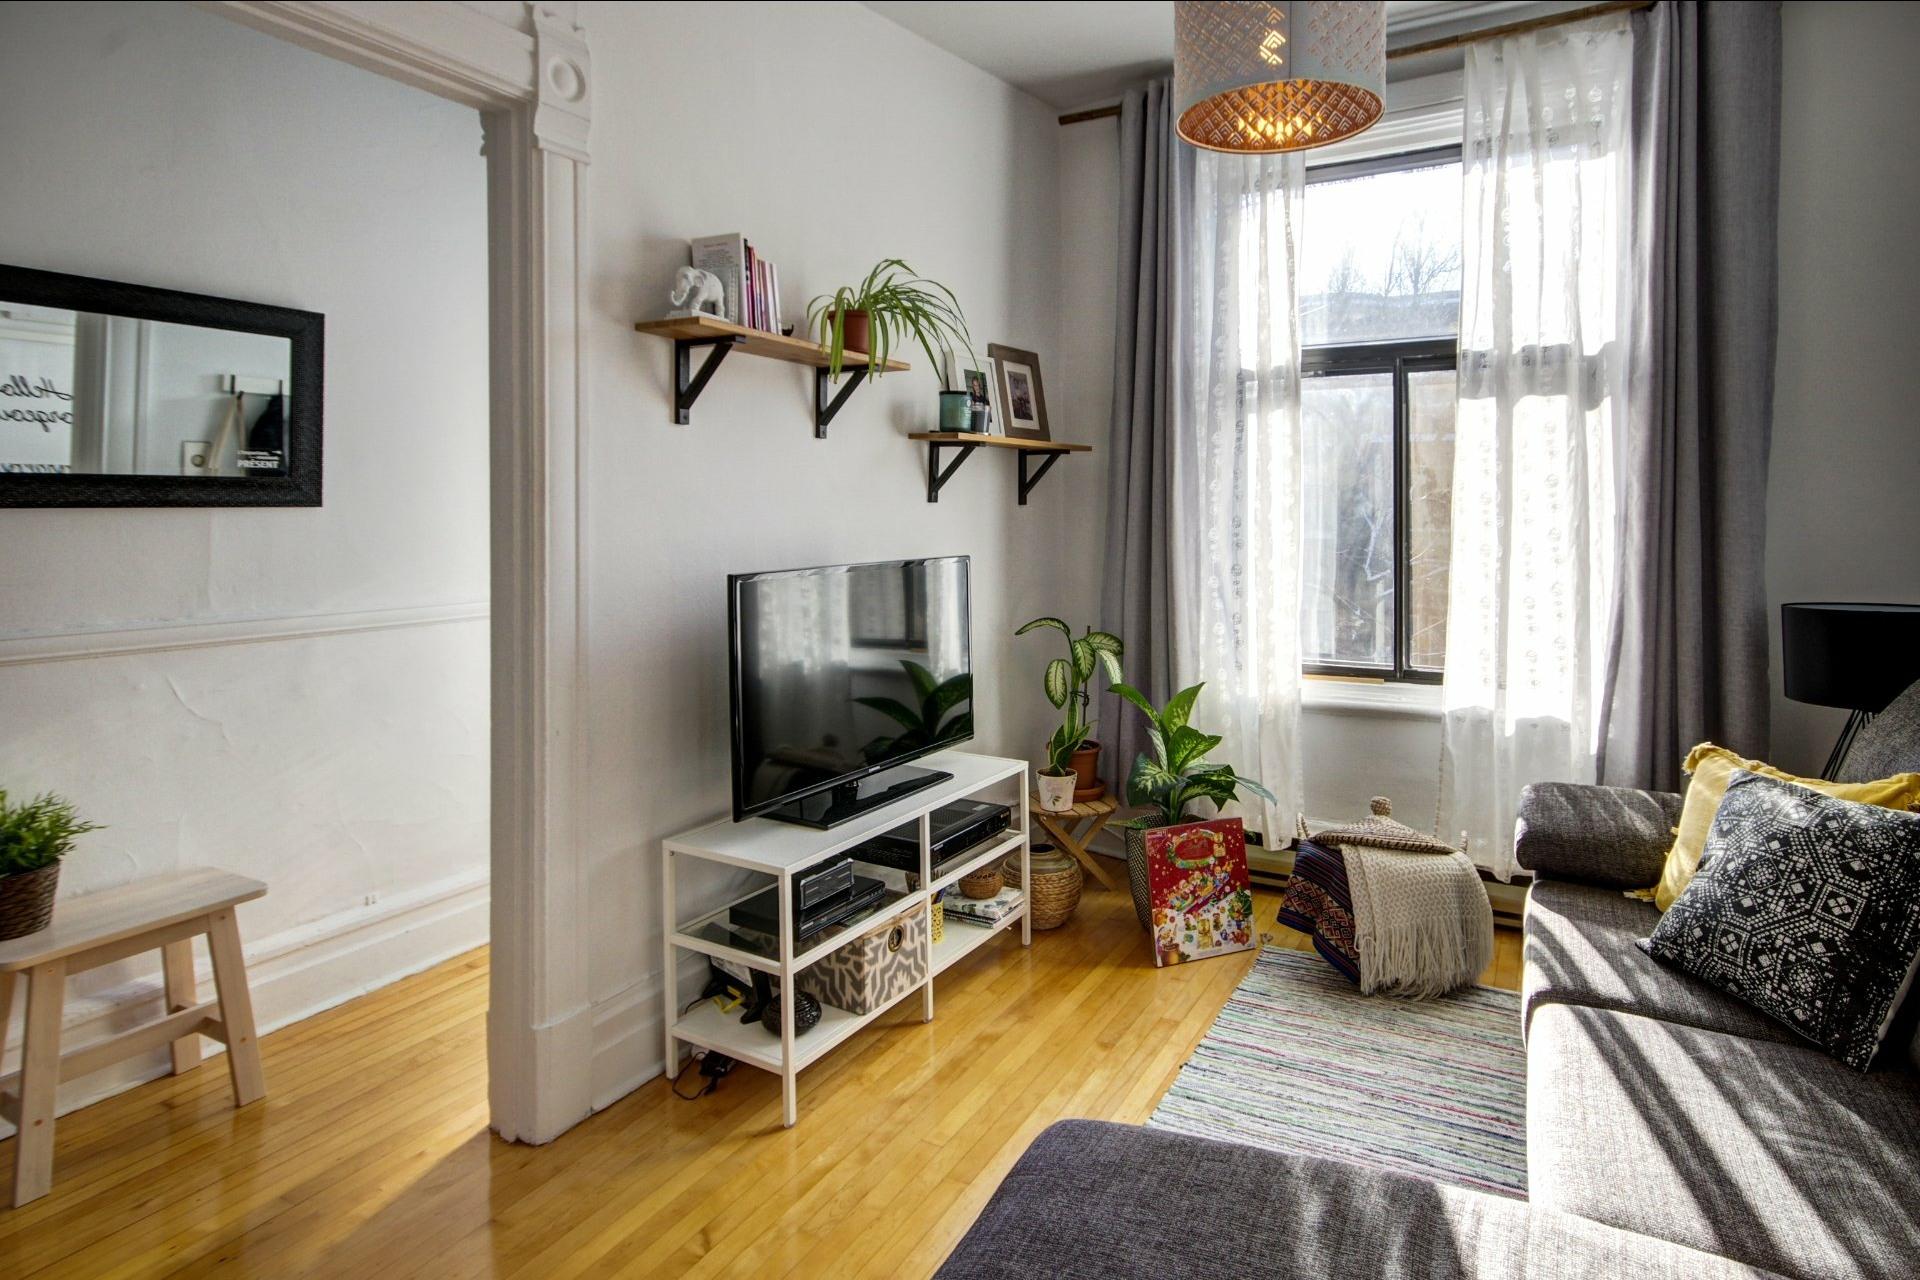 image 20 - Immeuble à revenus À vendre Montréal Le Plateau-Mont-Royal  - 5 pièces